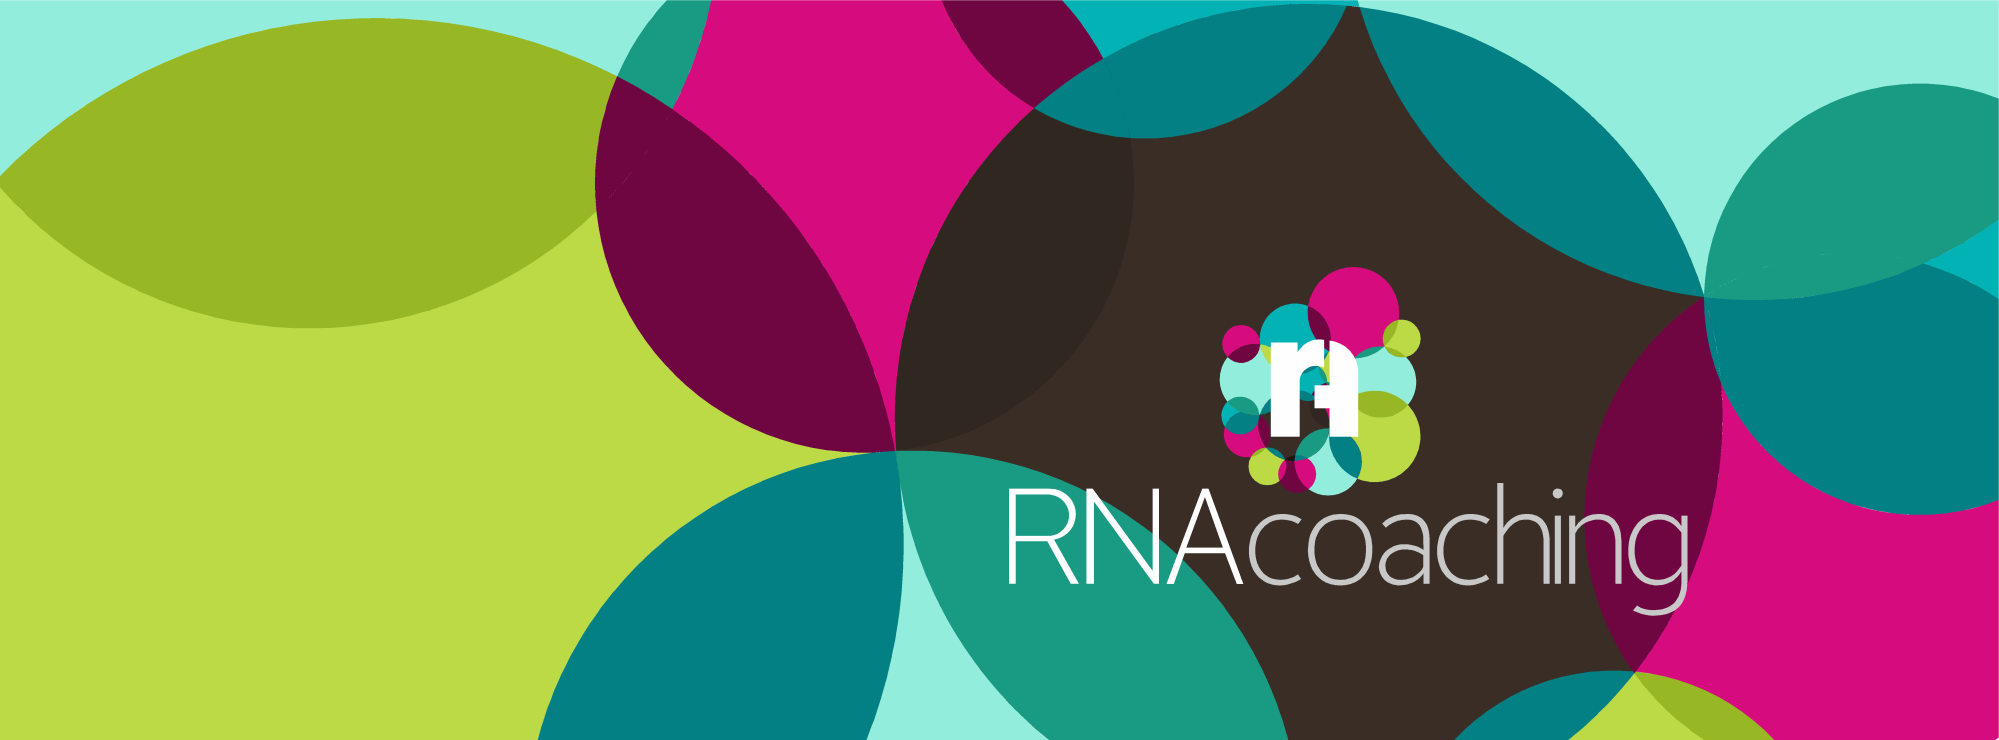 RNAcoaching